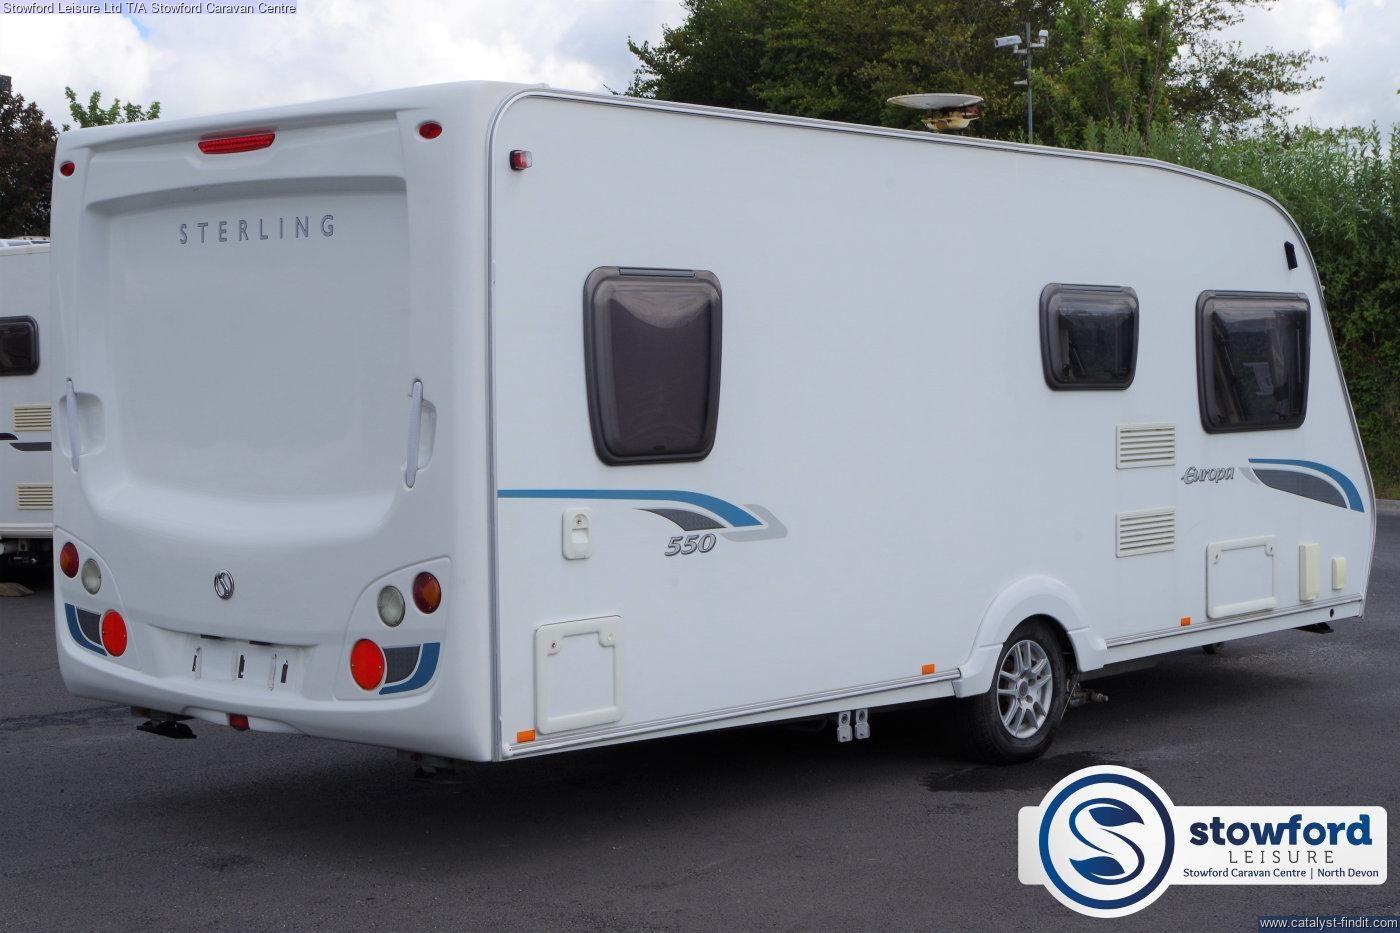 Sterling Europa 550 2009